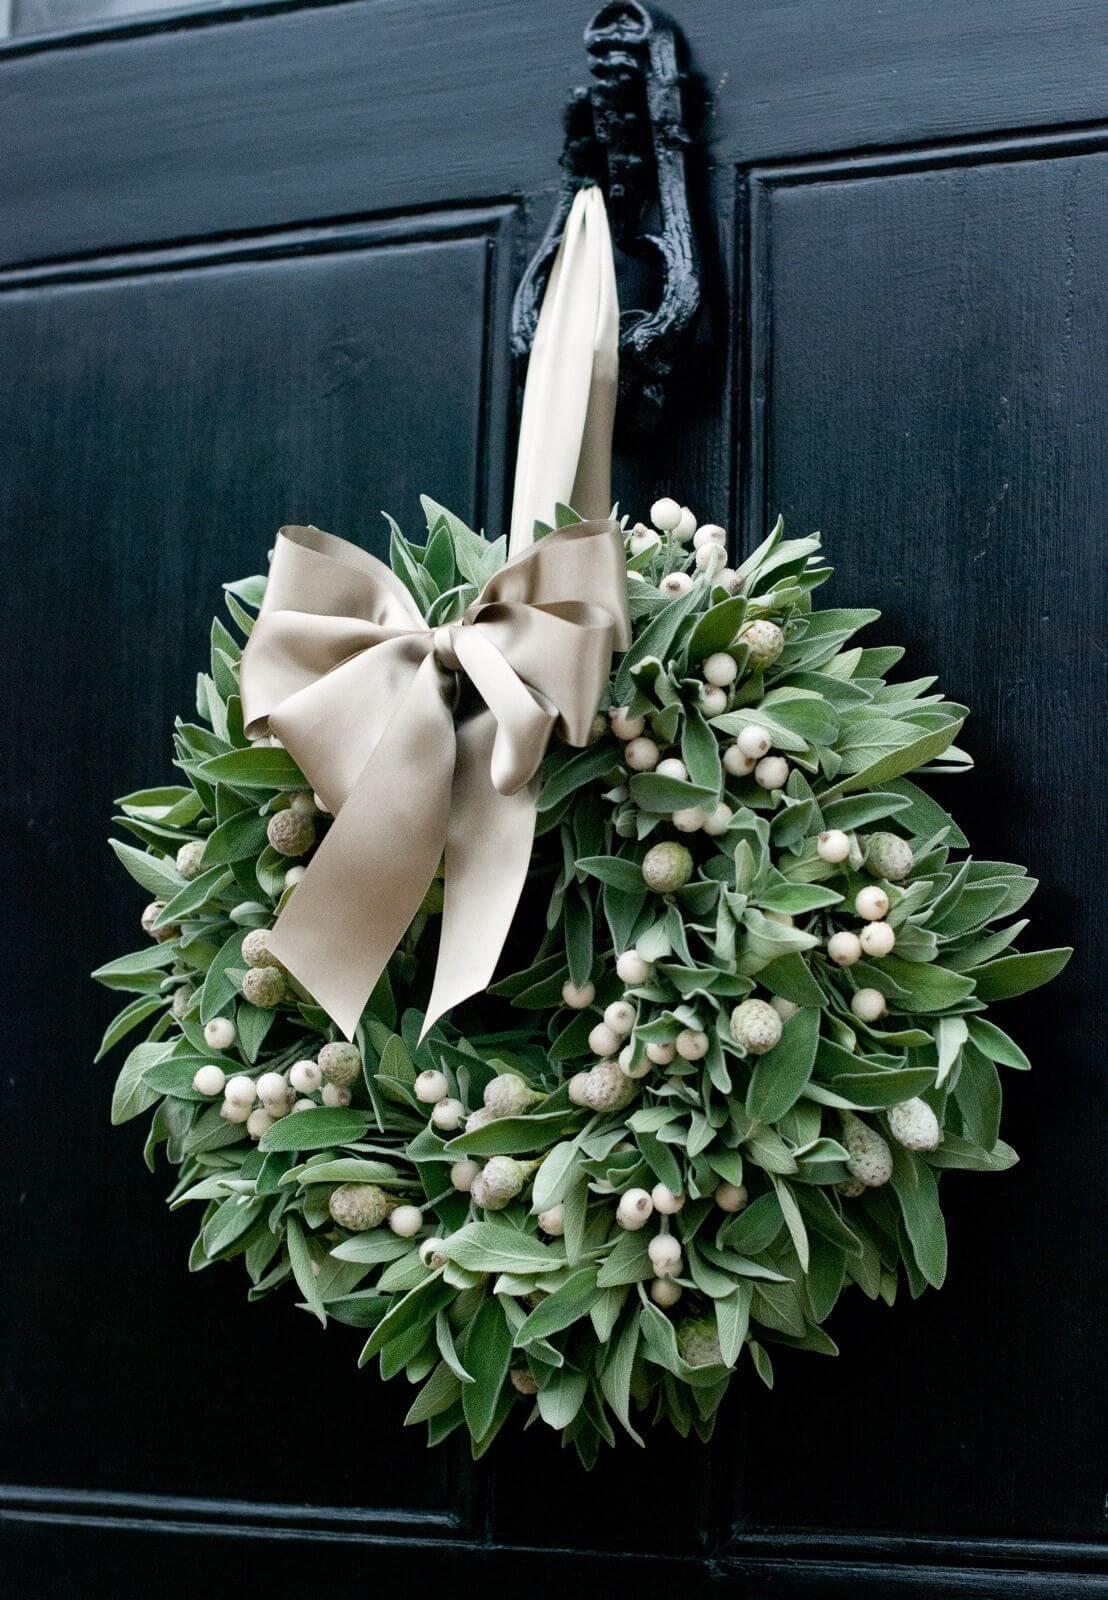 36 Weihnachtskranz Ideen, die Ihre Tür für die Feiertage bezaubernd und einzigartig machen